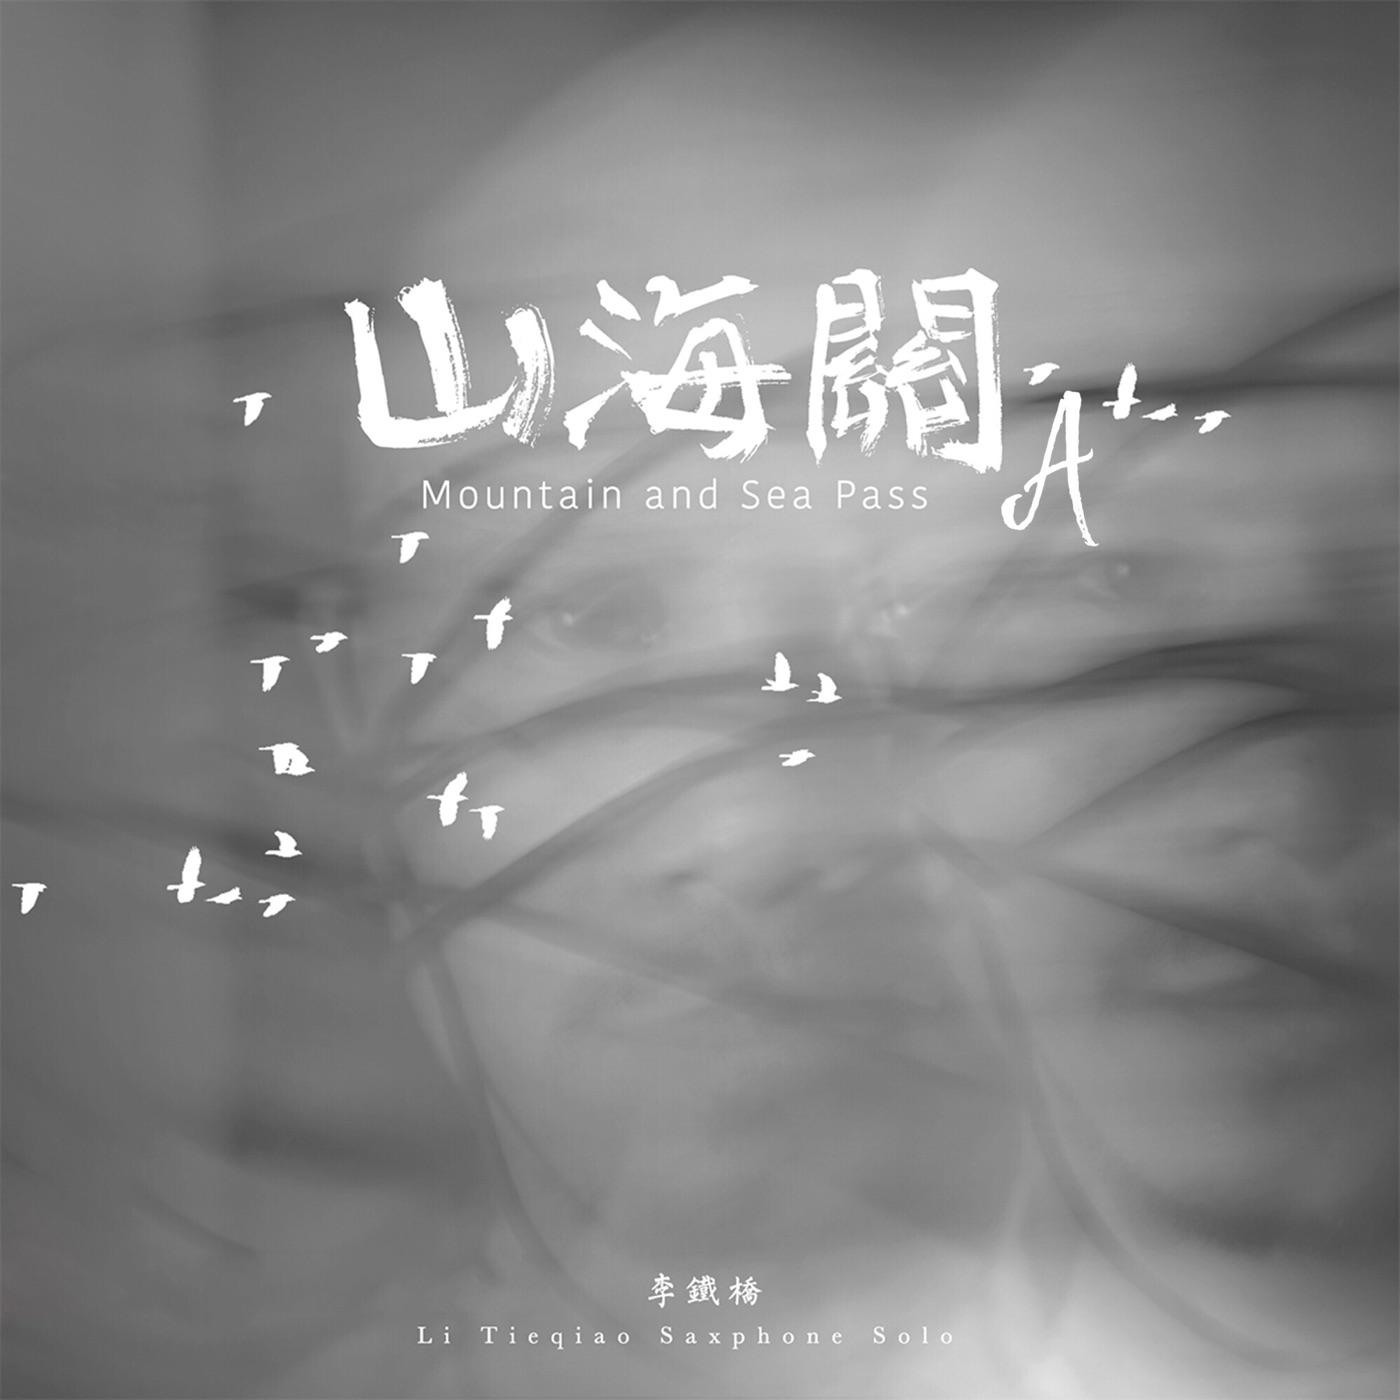 李铁桥 - 山海关 (A)